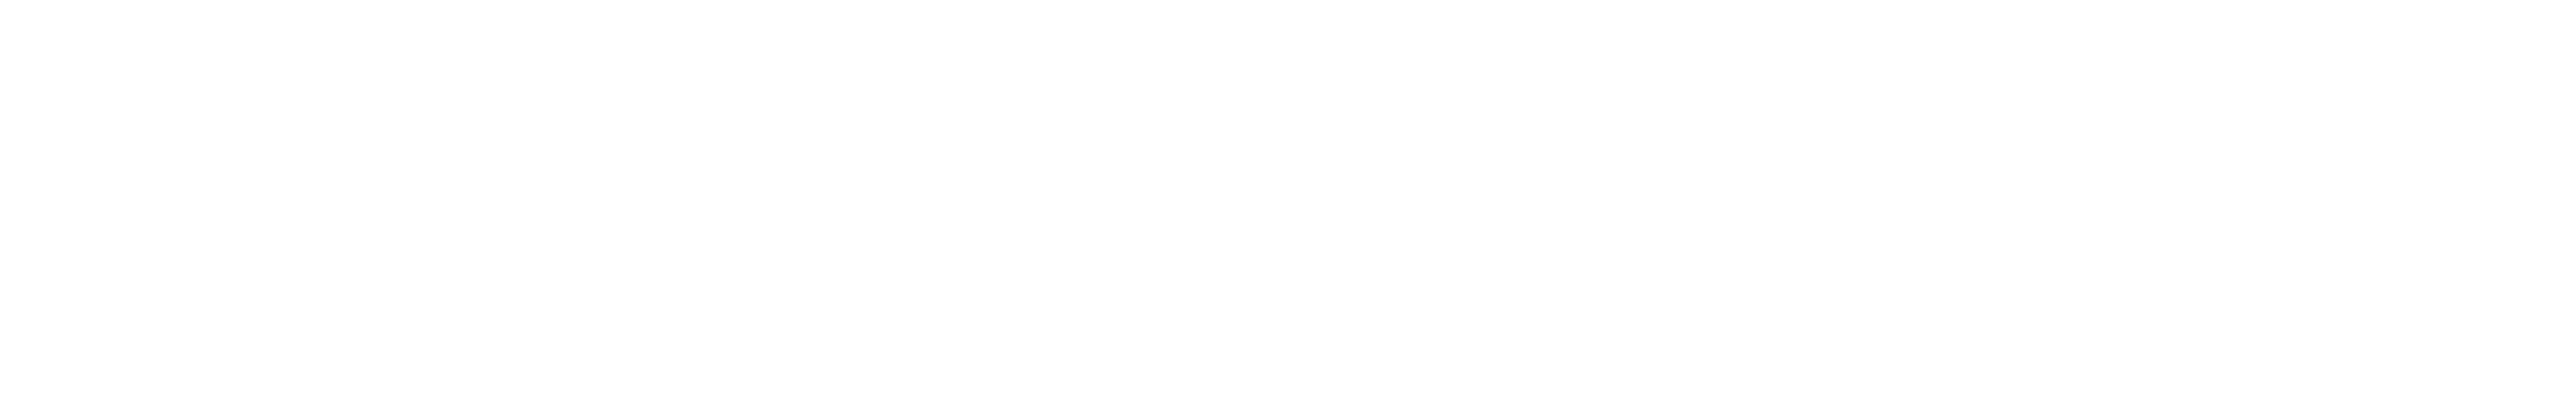 Kaizen_Institute_Logo_White-1